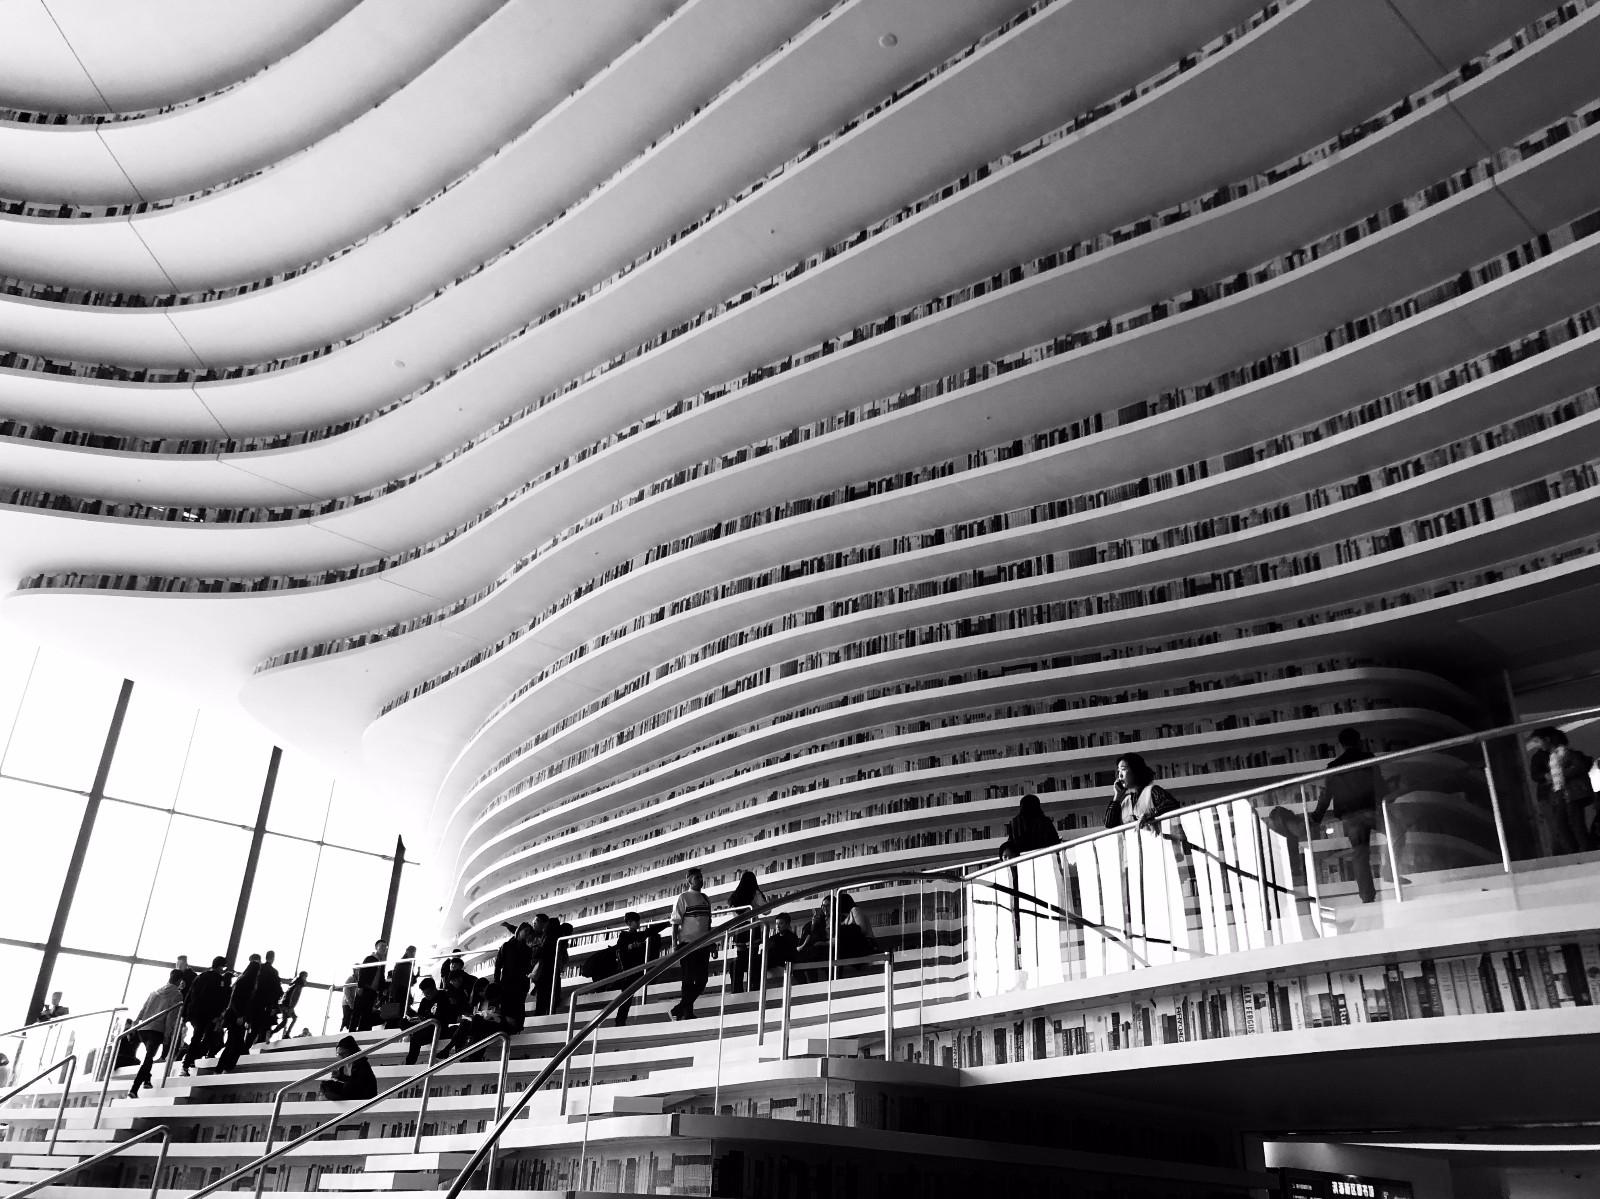 11月12日,适逢周日,天津滨海新区文化中心图书馆迎来了众多市民前来图片